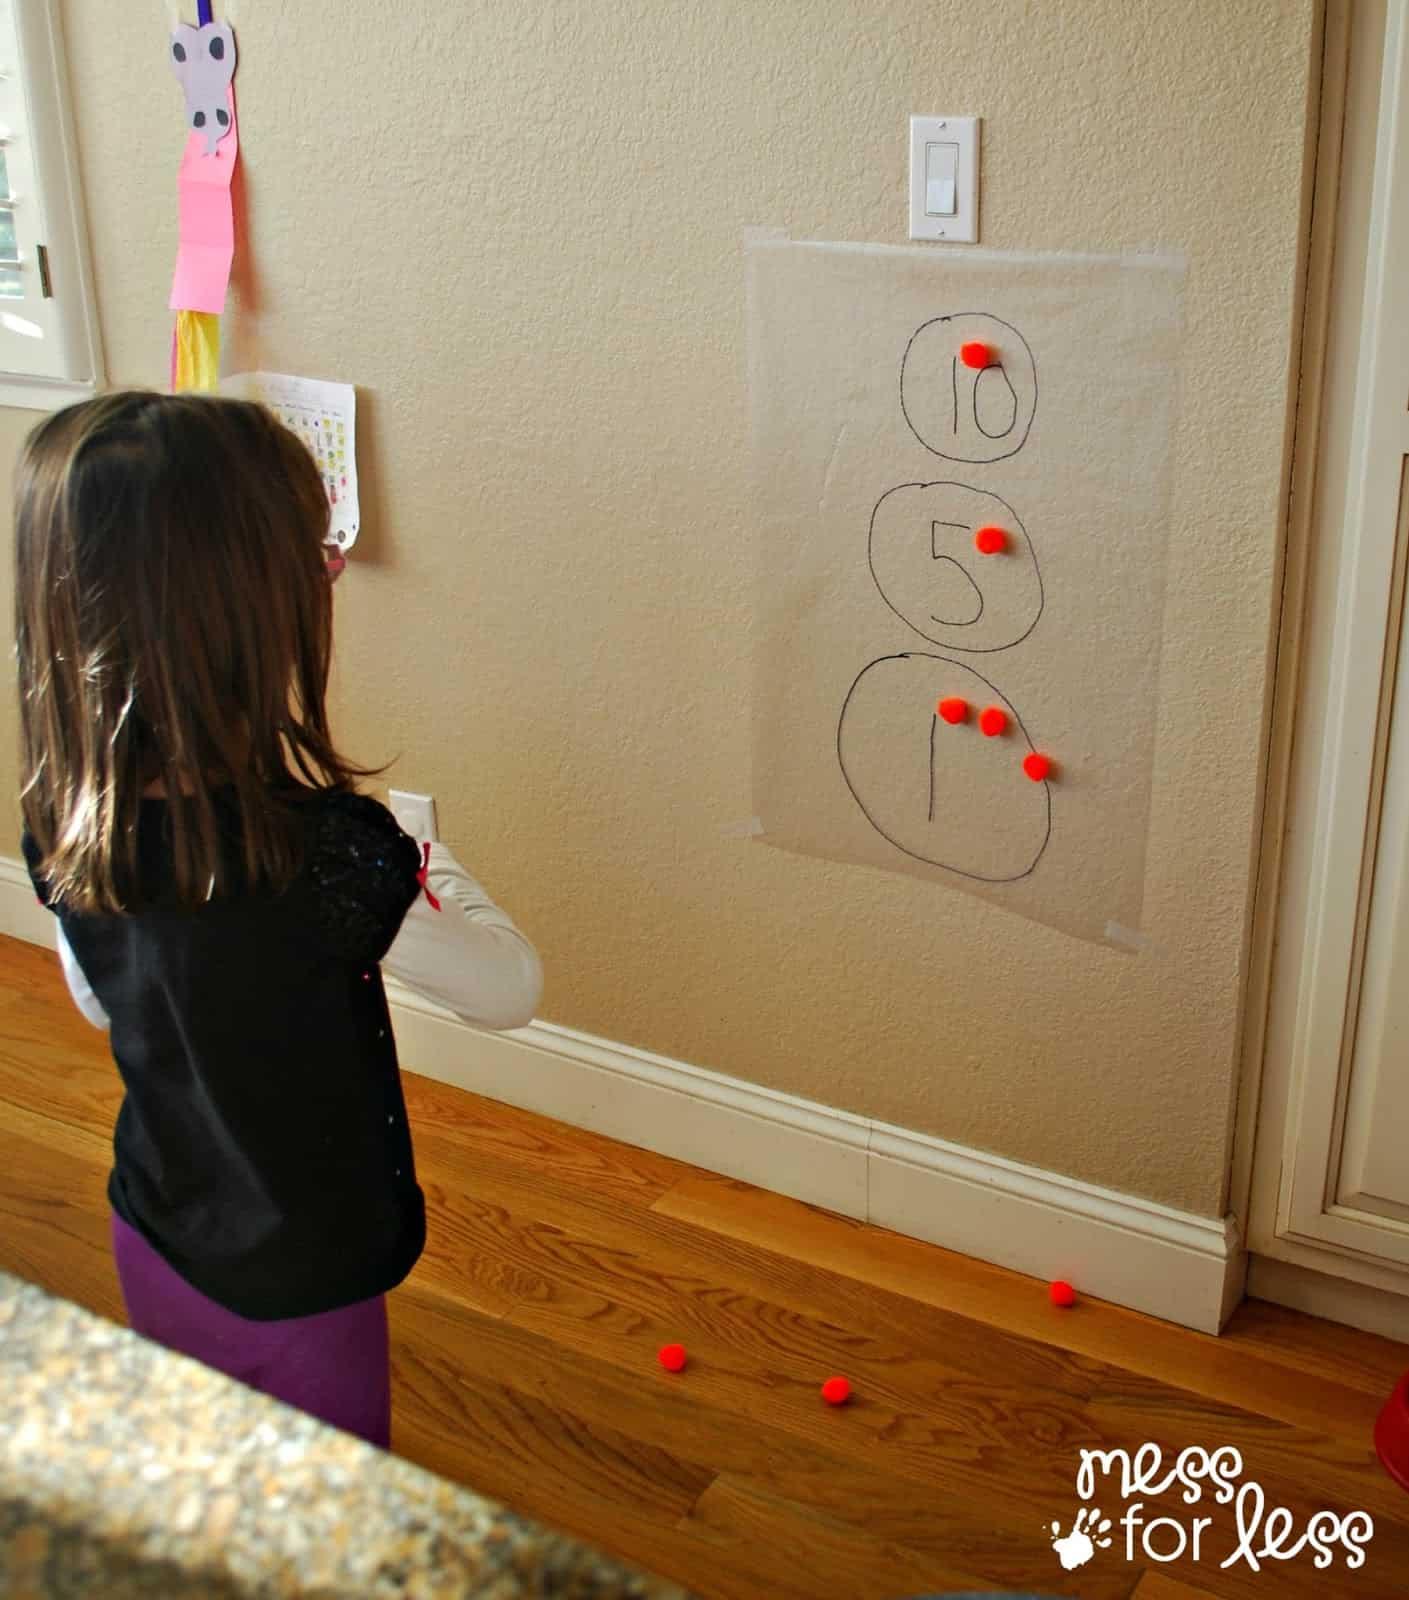 kids playing math game